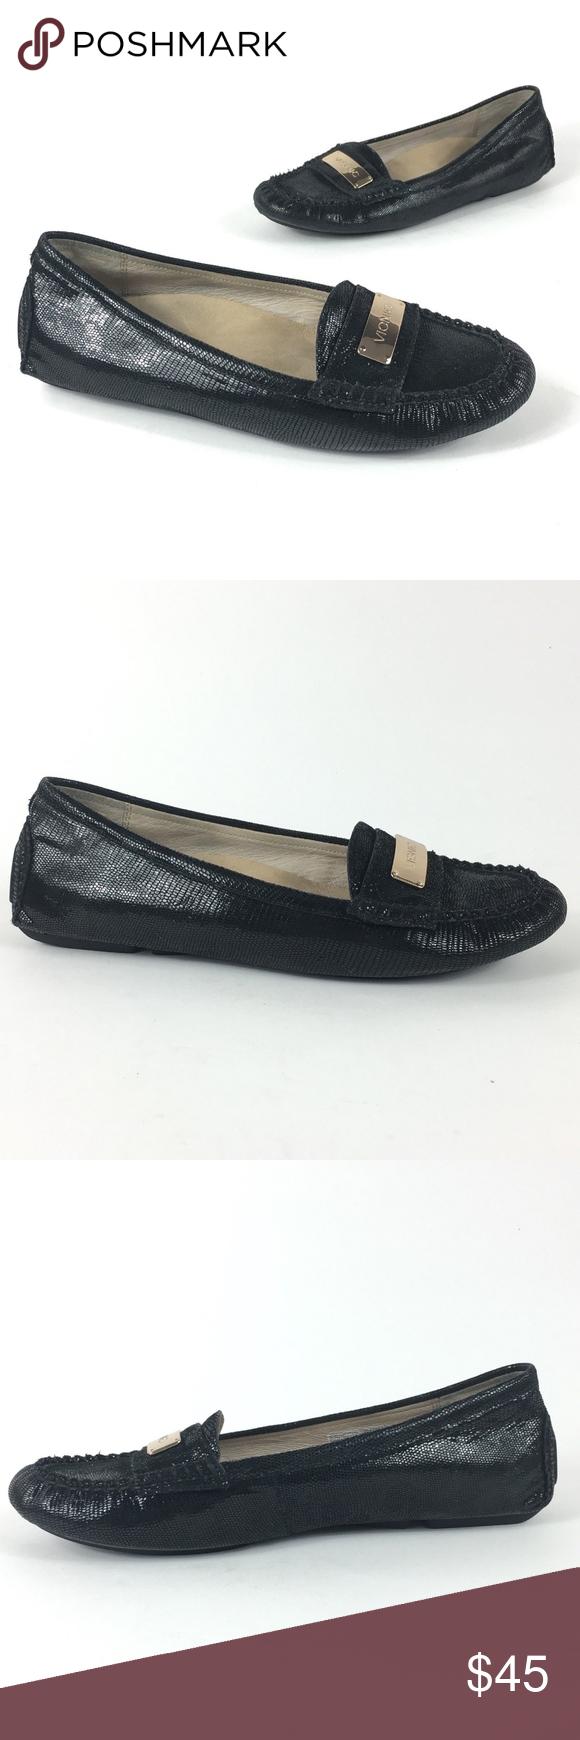 Vionic Sydney Loafers Size 9.5 | Vionic